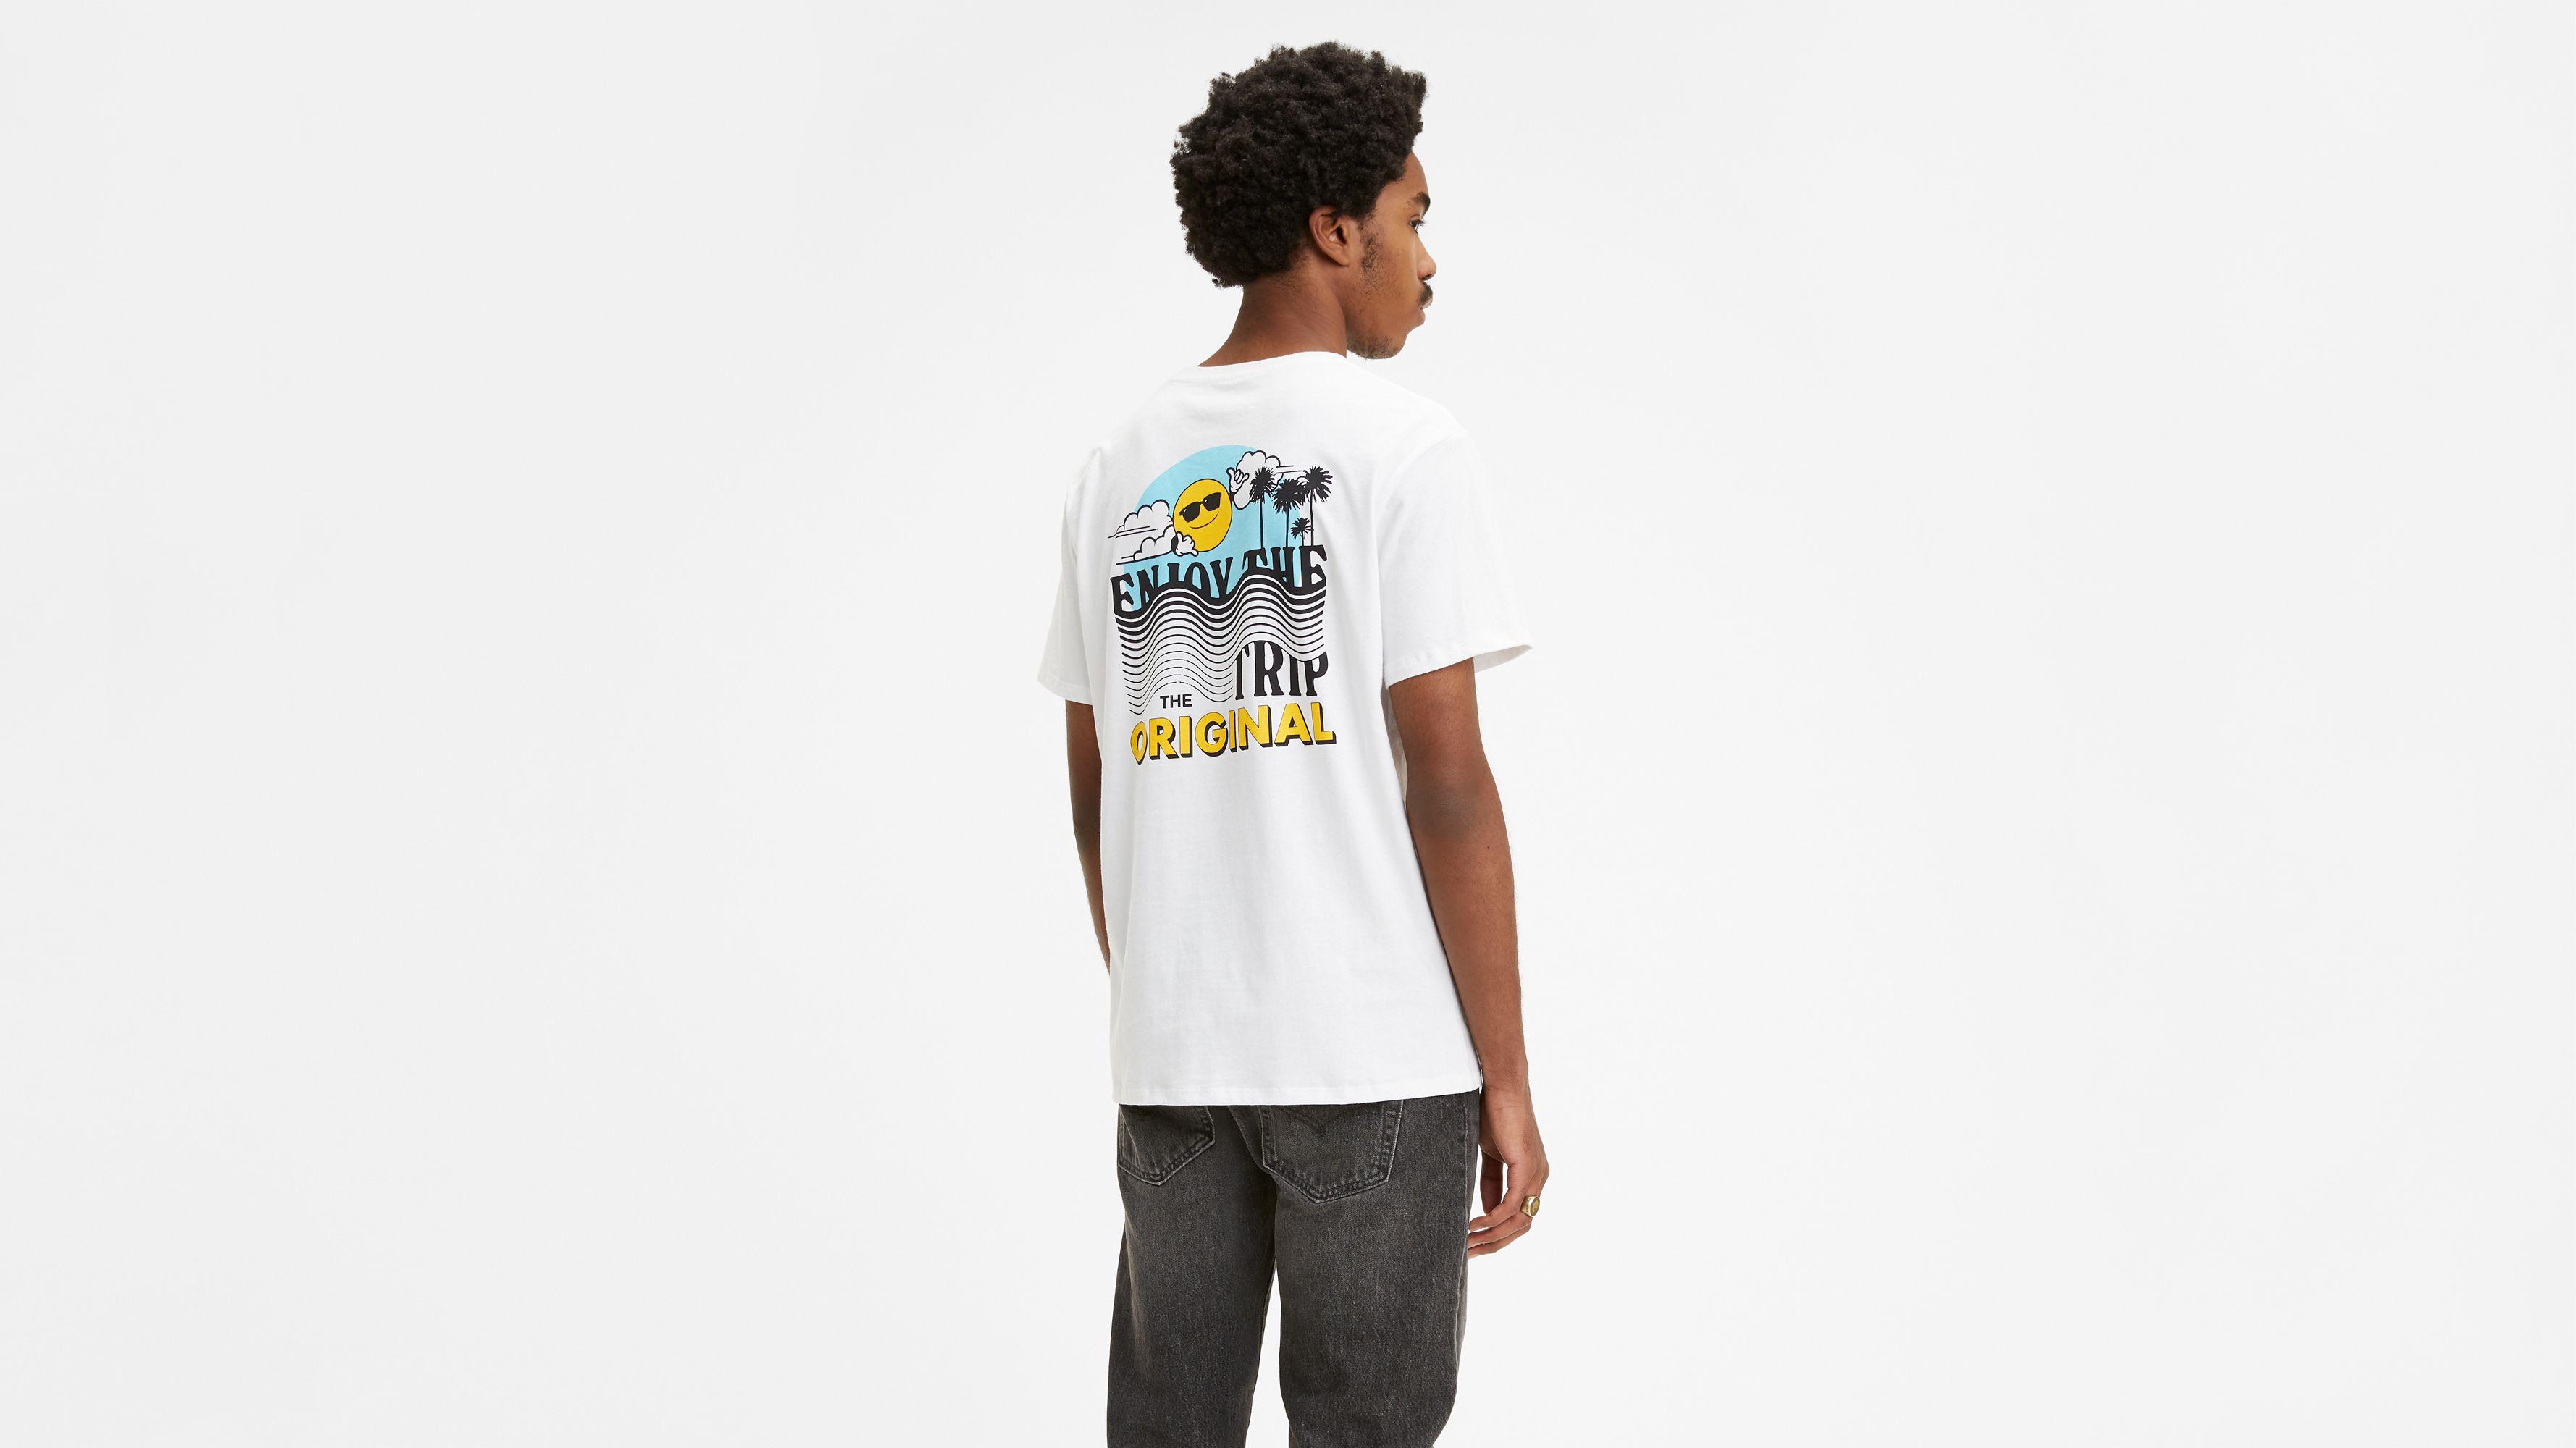 Retro Chest Logo Graphic Tee Shirt